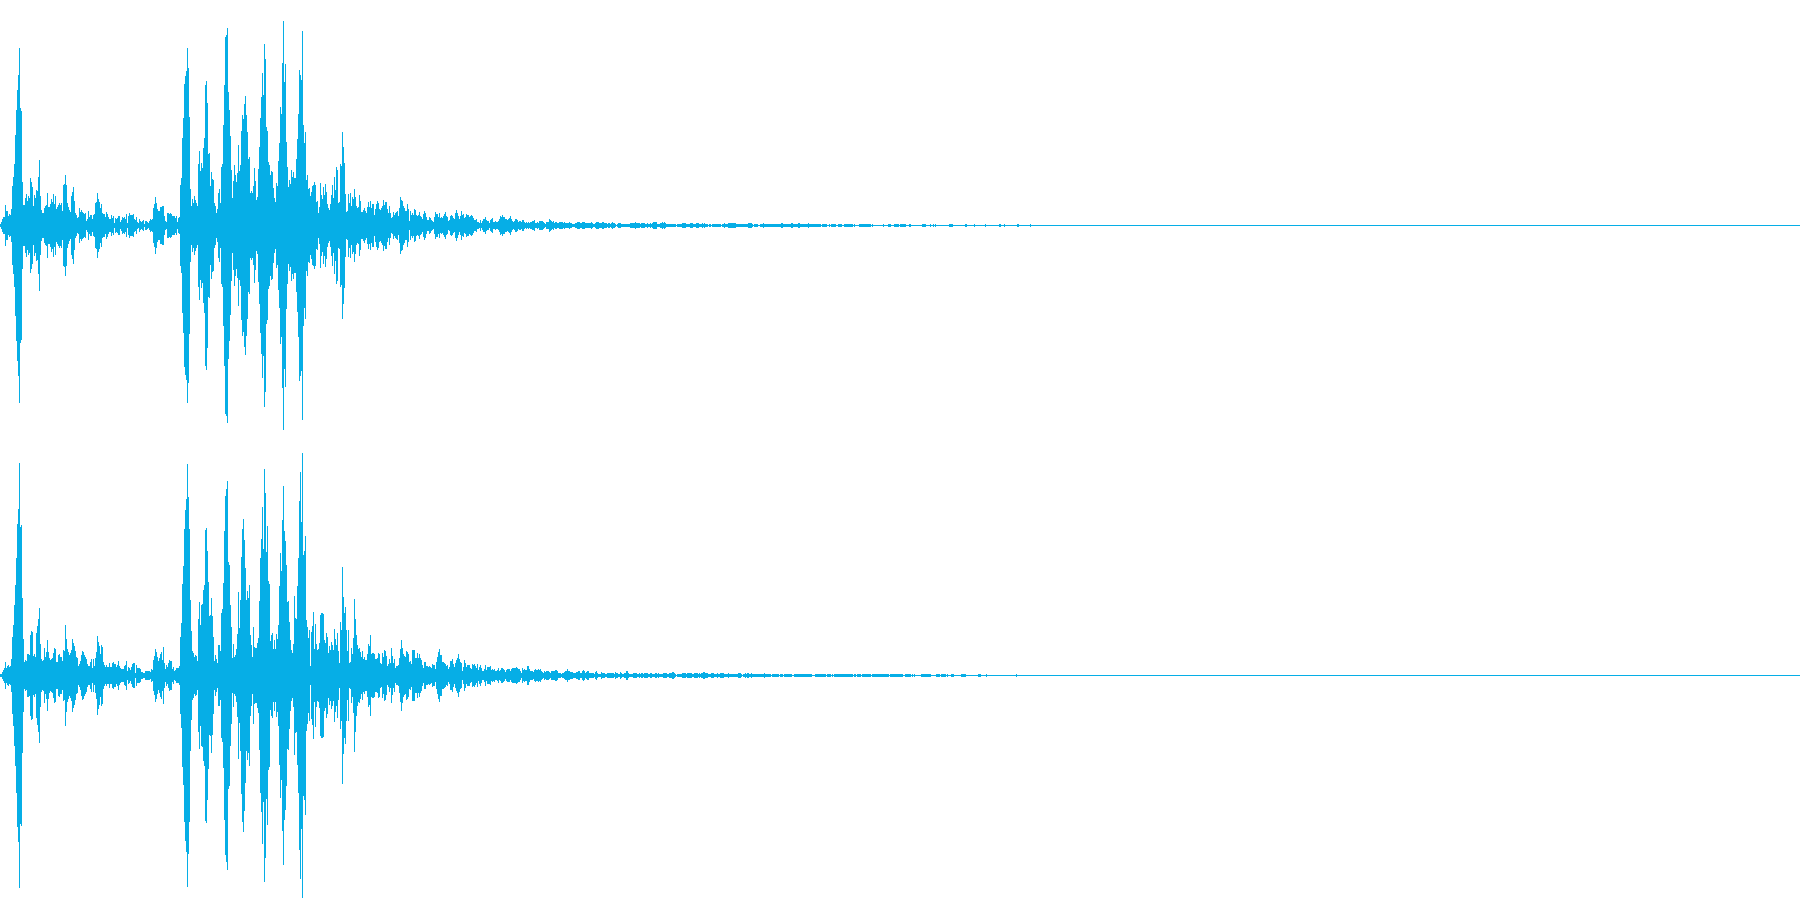 【生録音】フラミンゴの鳴き声 4の再生済みの波形